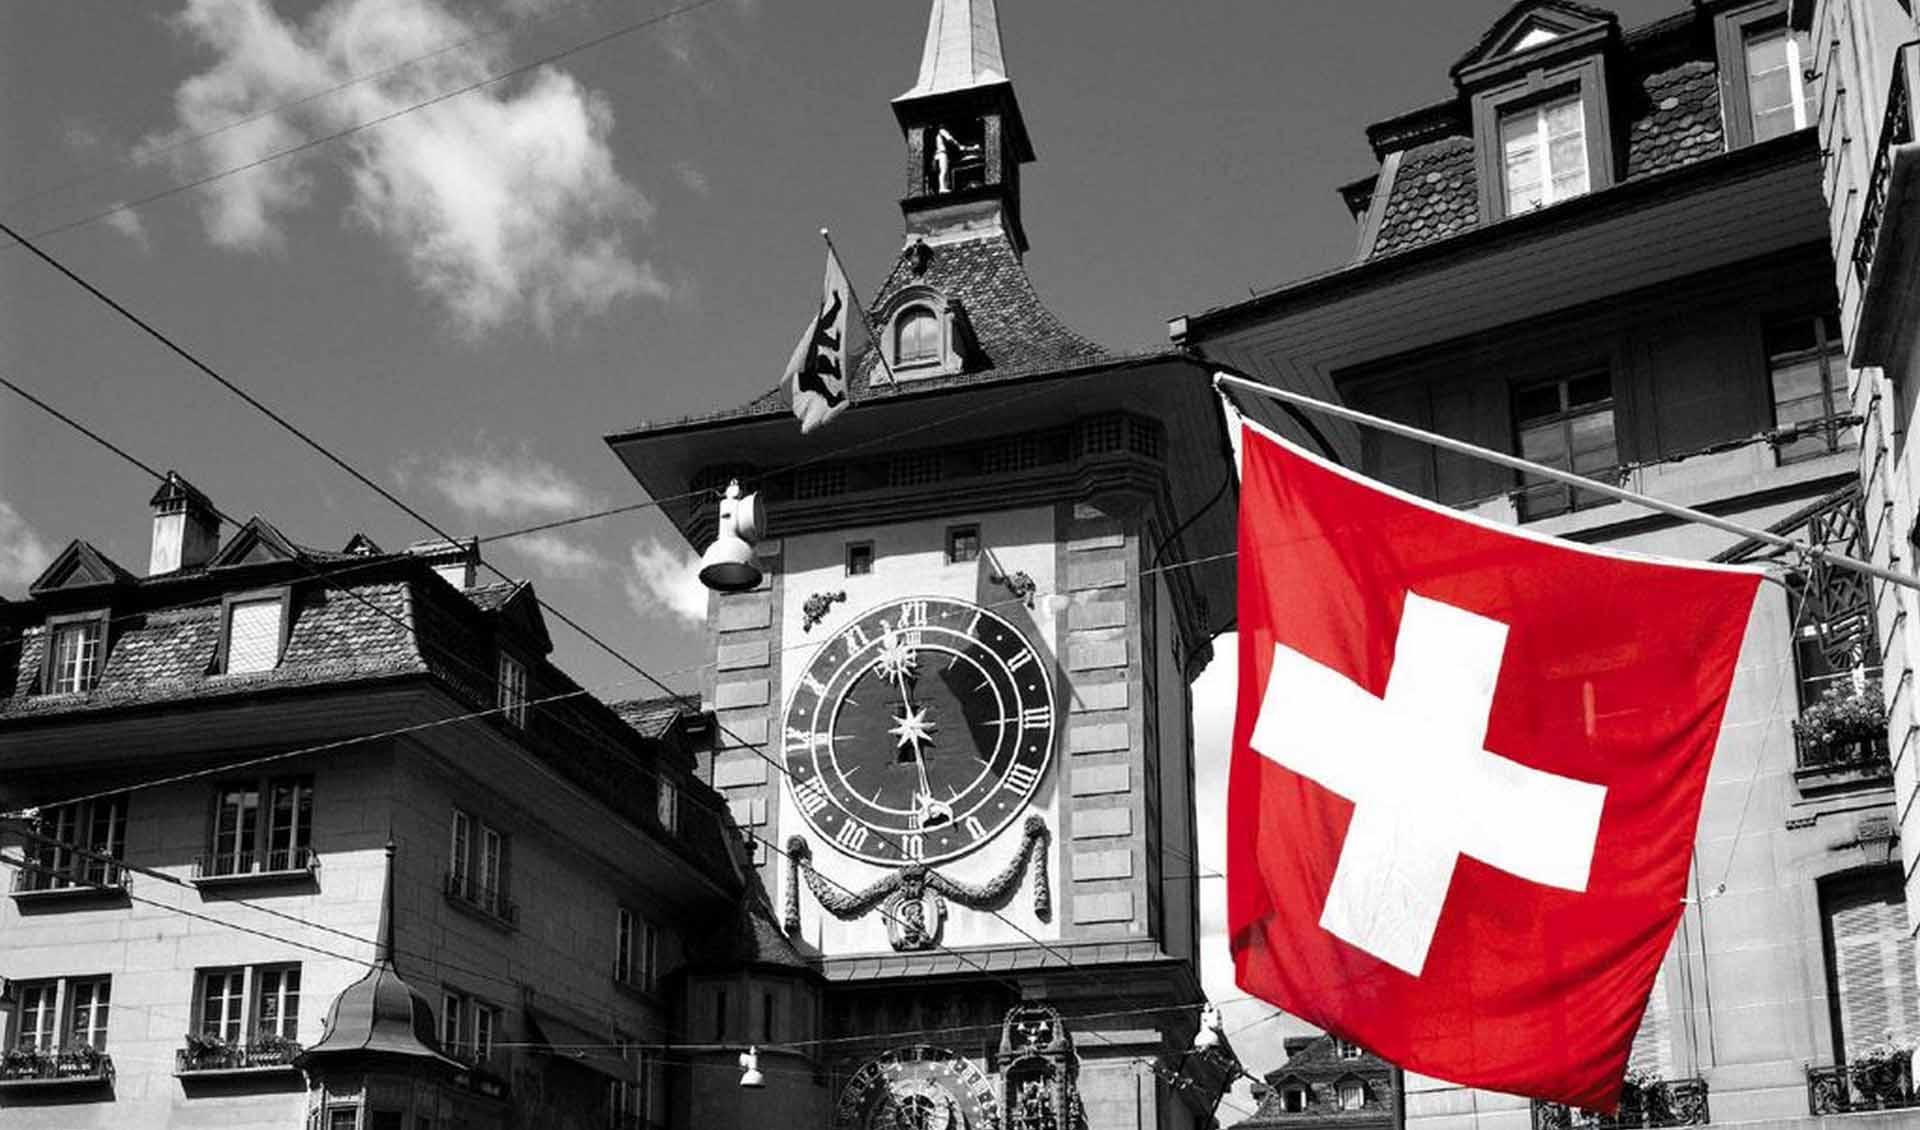 اقتصاد سوئیس ۱۰۰ میلیارد دلار از پاندمی کرونا آسیب میبیند